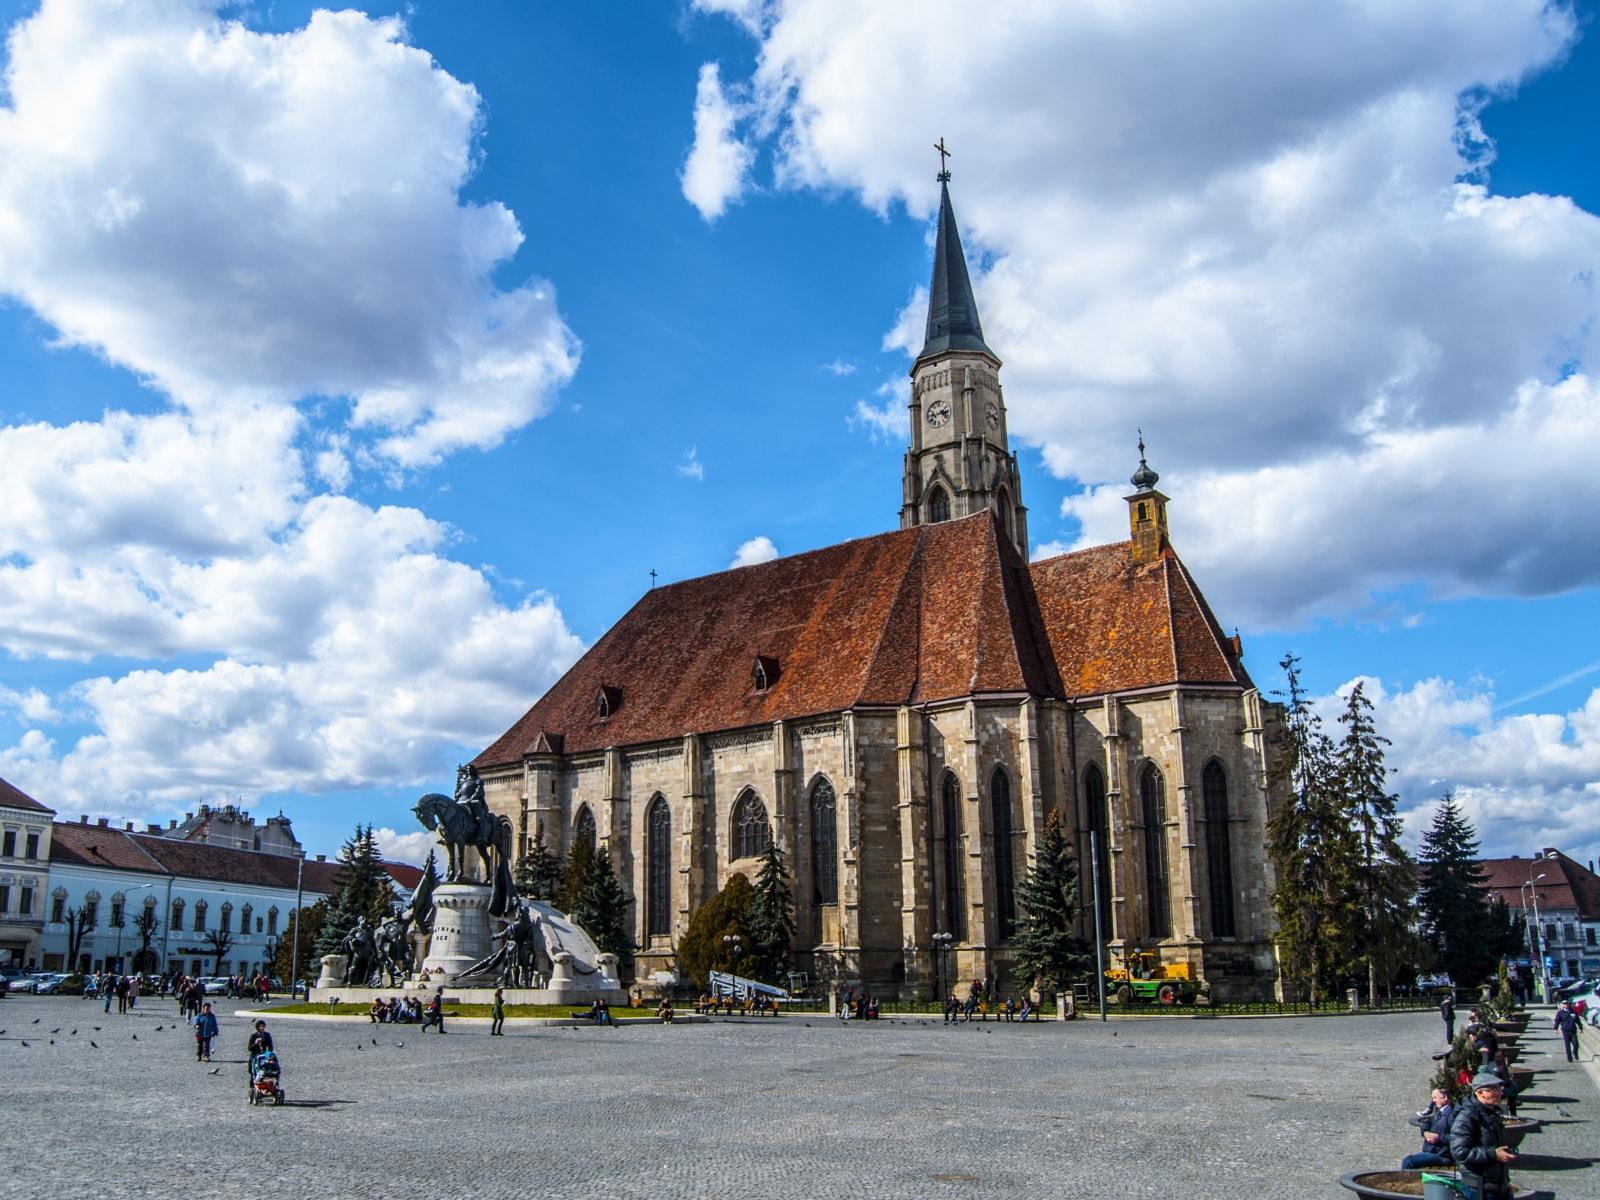 Clujul, unul dintre cele mai atractive oraşe din România! A luat faţa Bucureştiului la efervescenţa economică, natalitatea pozitivă şi calitatea vieţii!